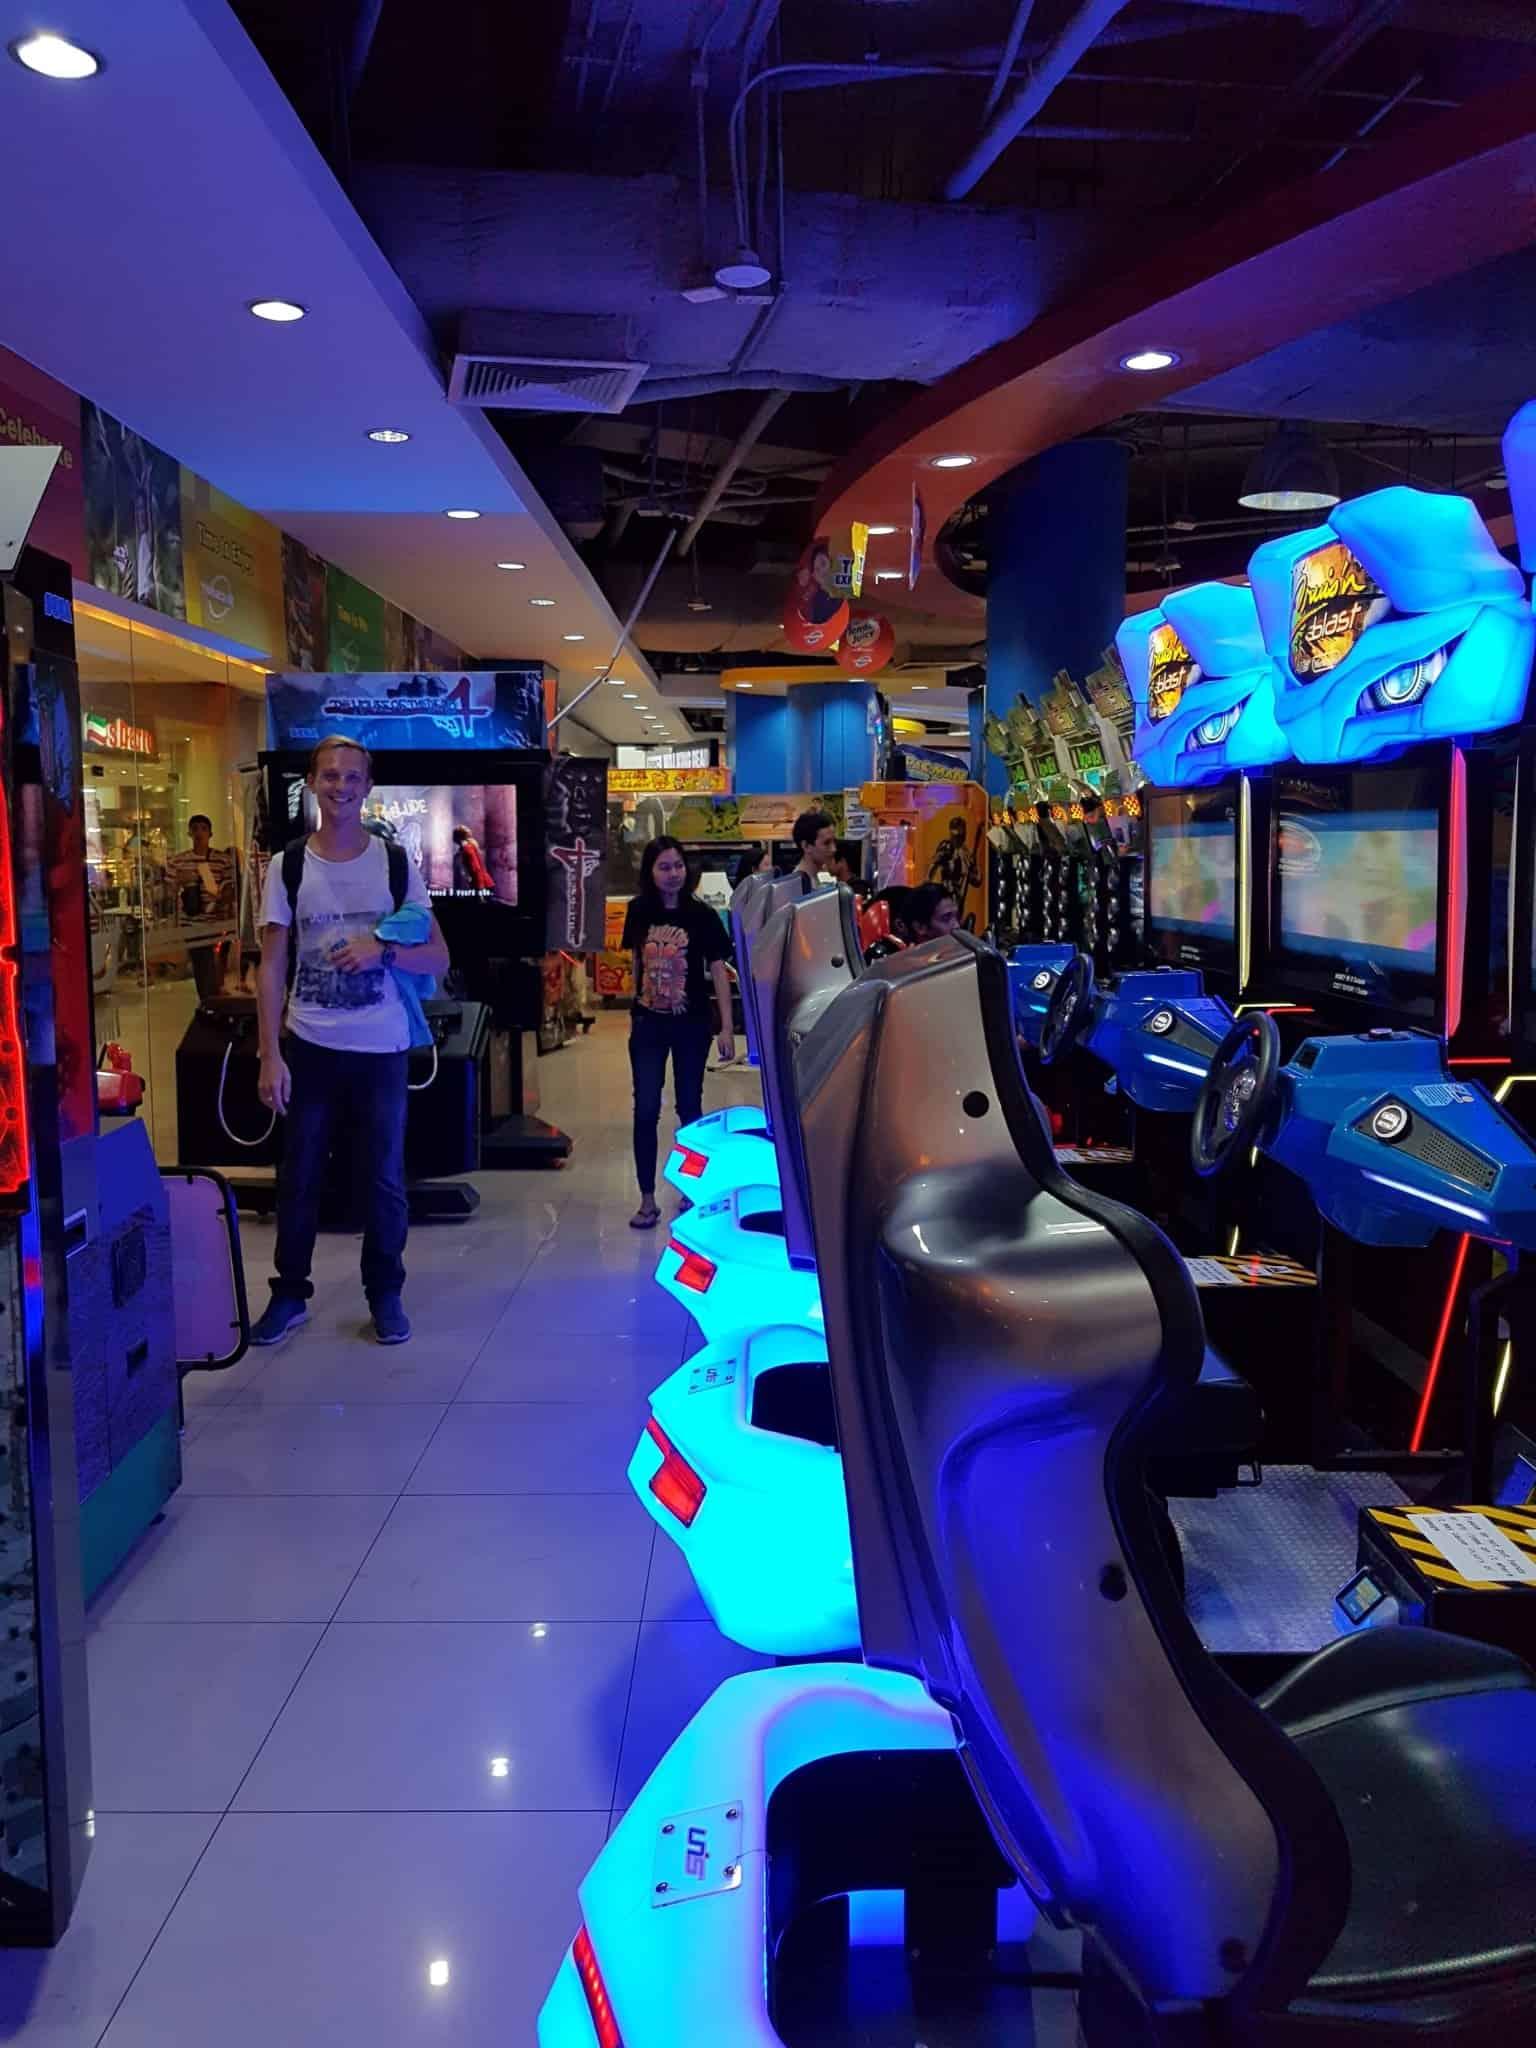 Philippines, deux jours de délires dans les centres commerciaux de Cebu City 🥳 4